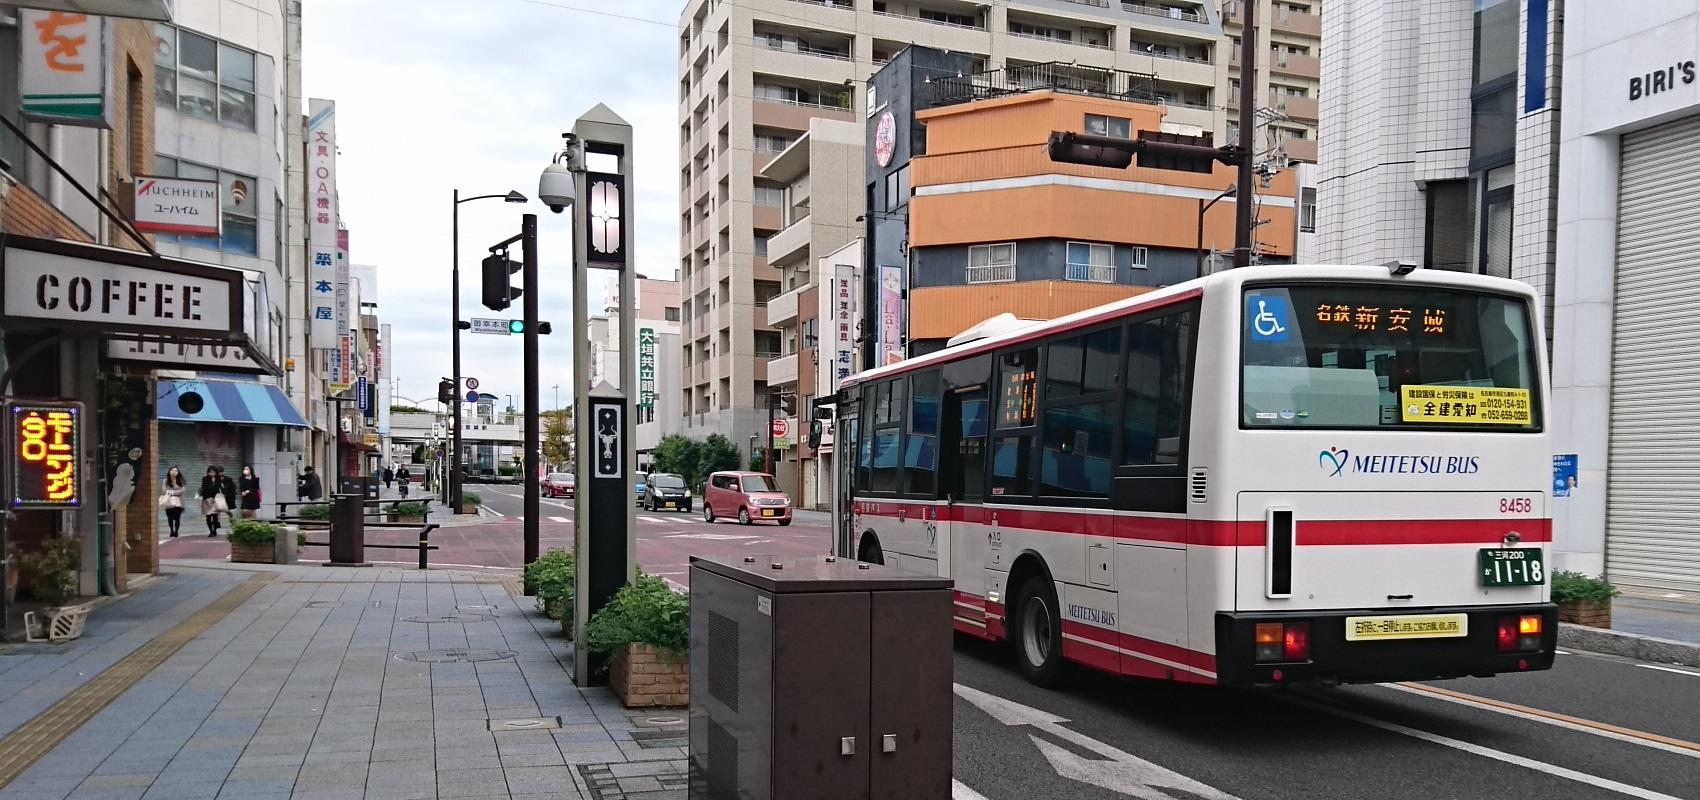 2016.11.2 あさ (2) 御幸本町交差点 - 名鉄バス 1700-800